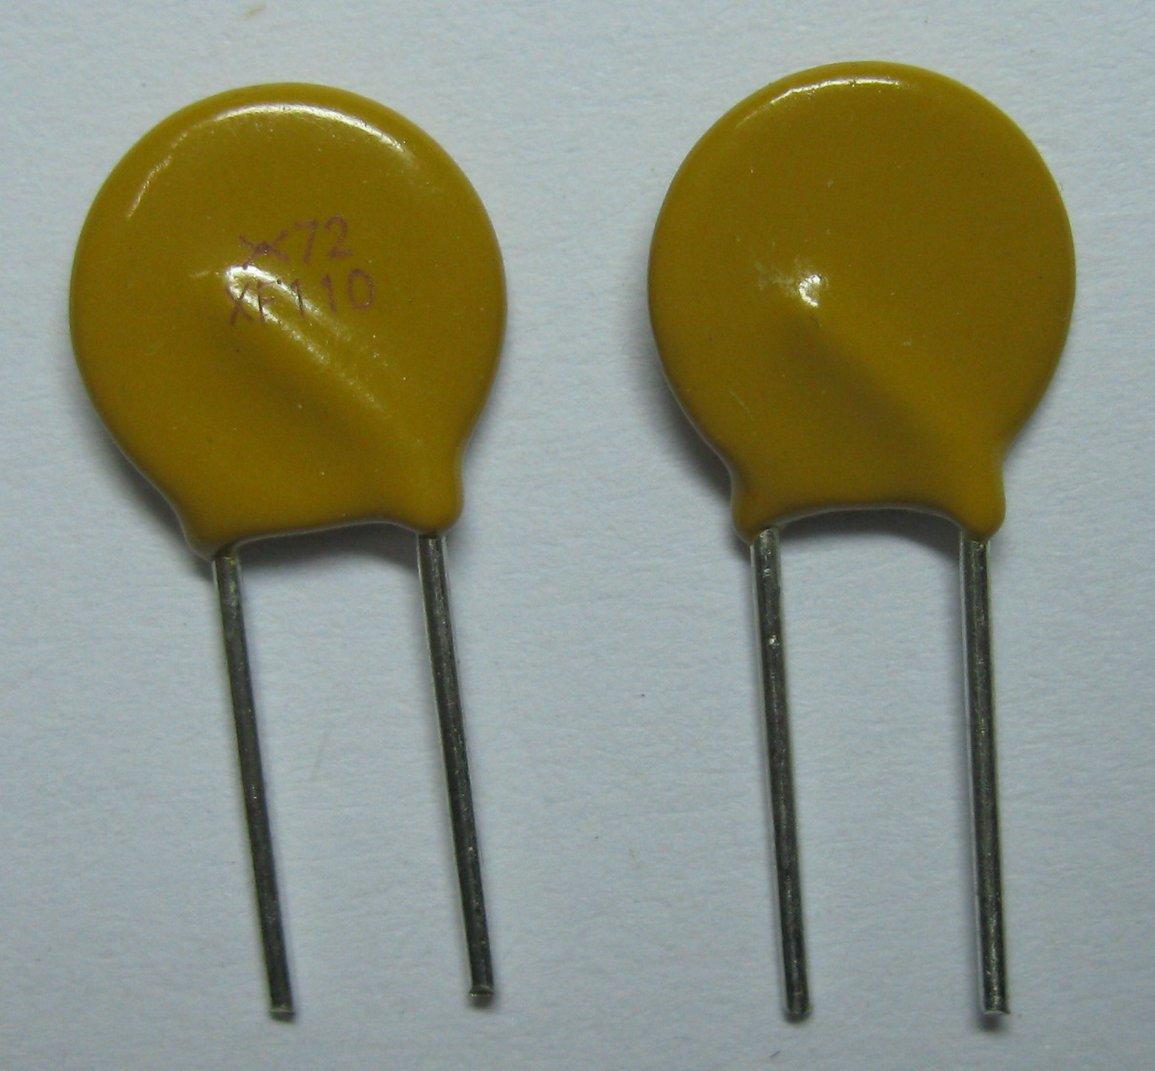 1000 шт. 72 в 1.1A полипереключатель радиальный этилированный PPTC сбрасываемый предохранитель